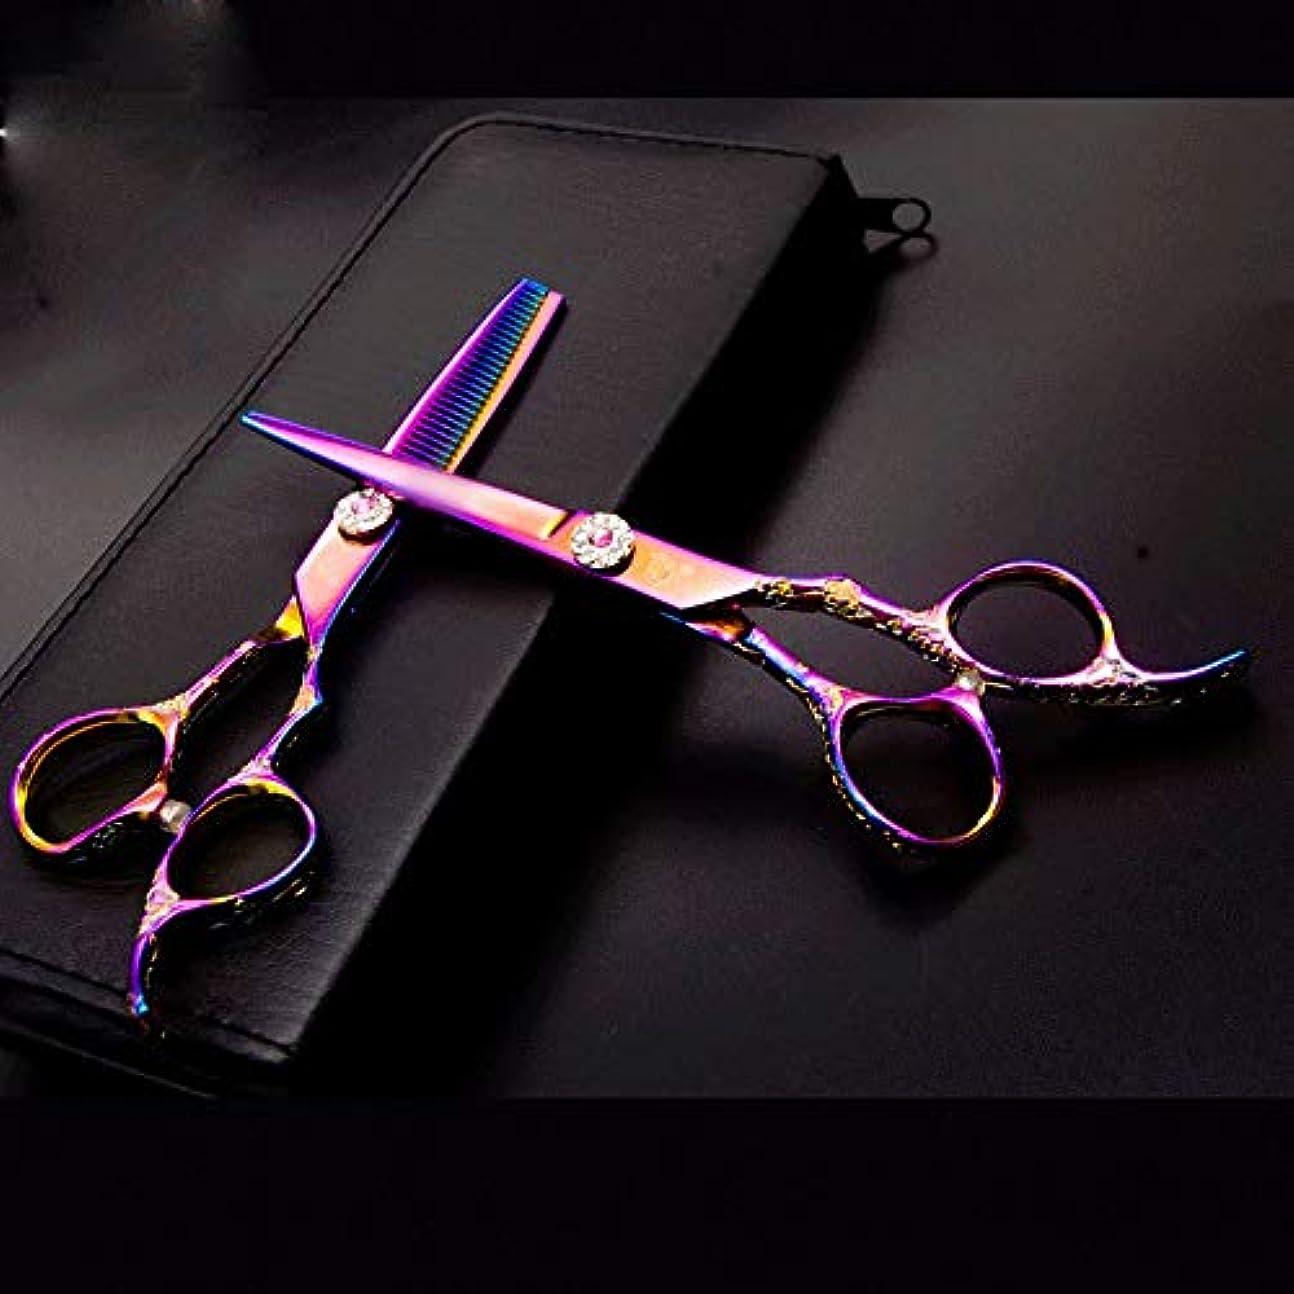 生活再撮り鼓舞するGoodsok-jp 6インチの美容院プロ散髪フラット歯はさみセット、カラフルな刻まれた散髪ツール (色 : Colors)